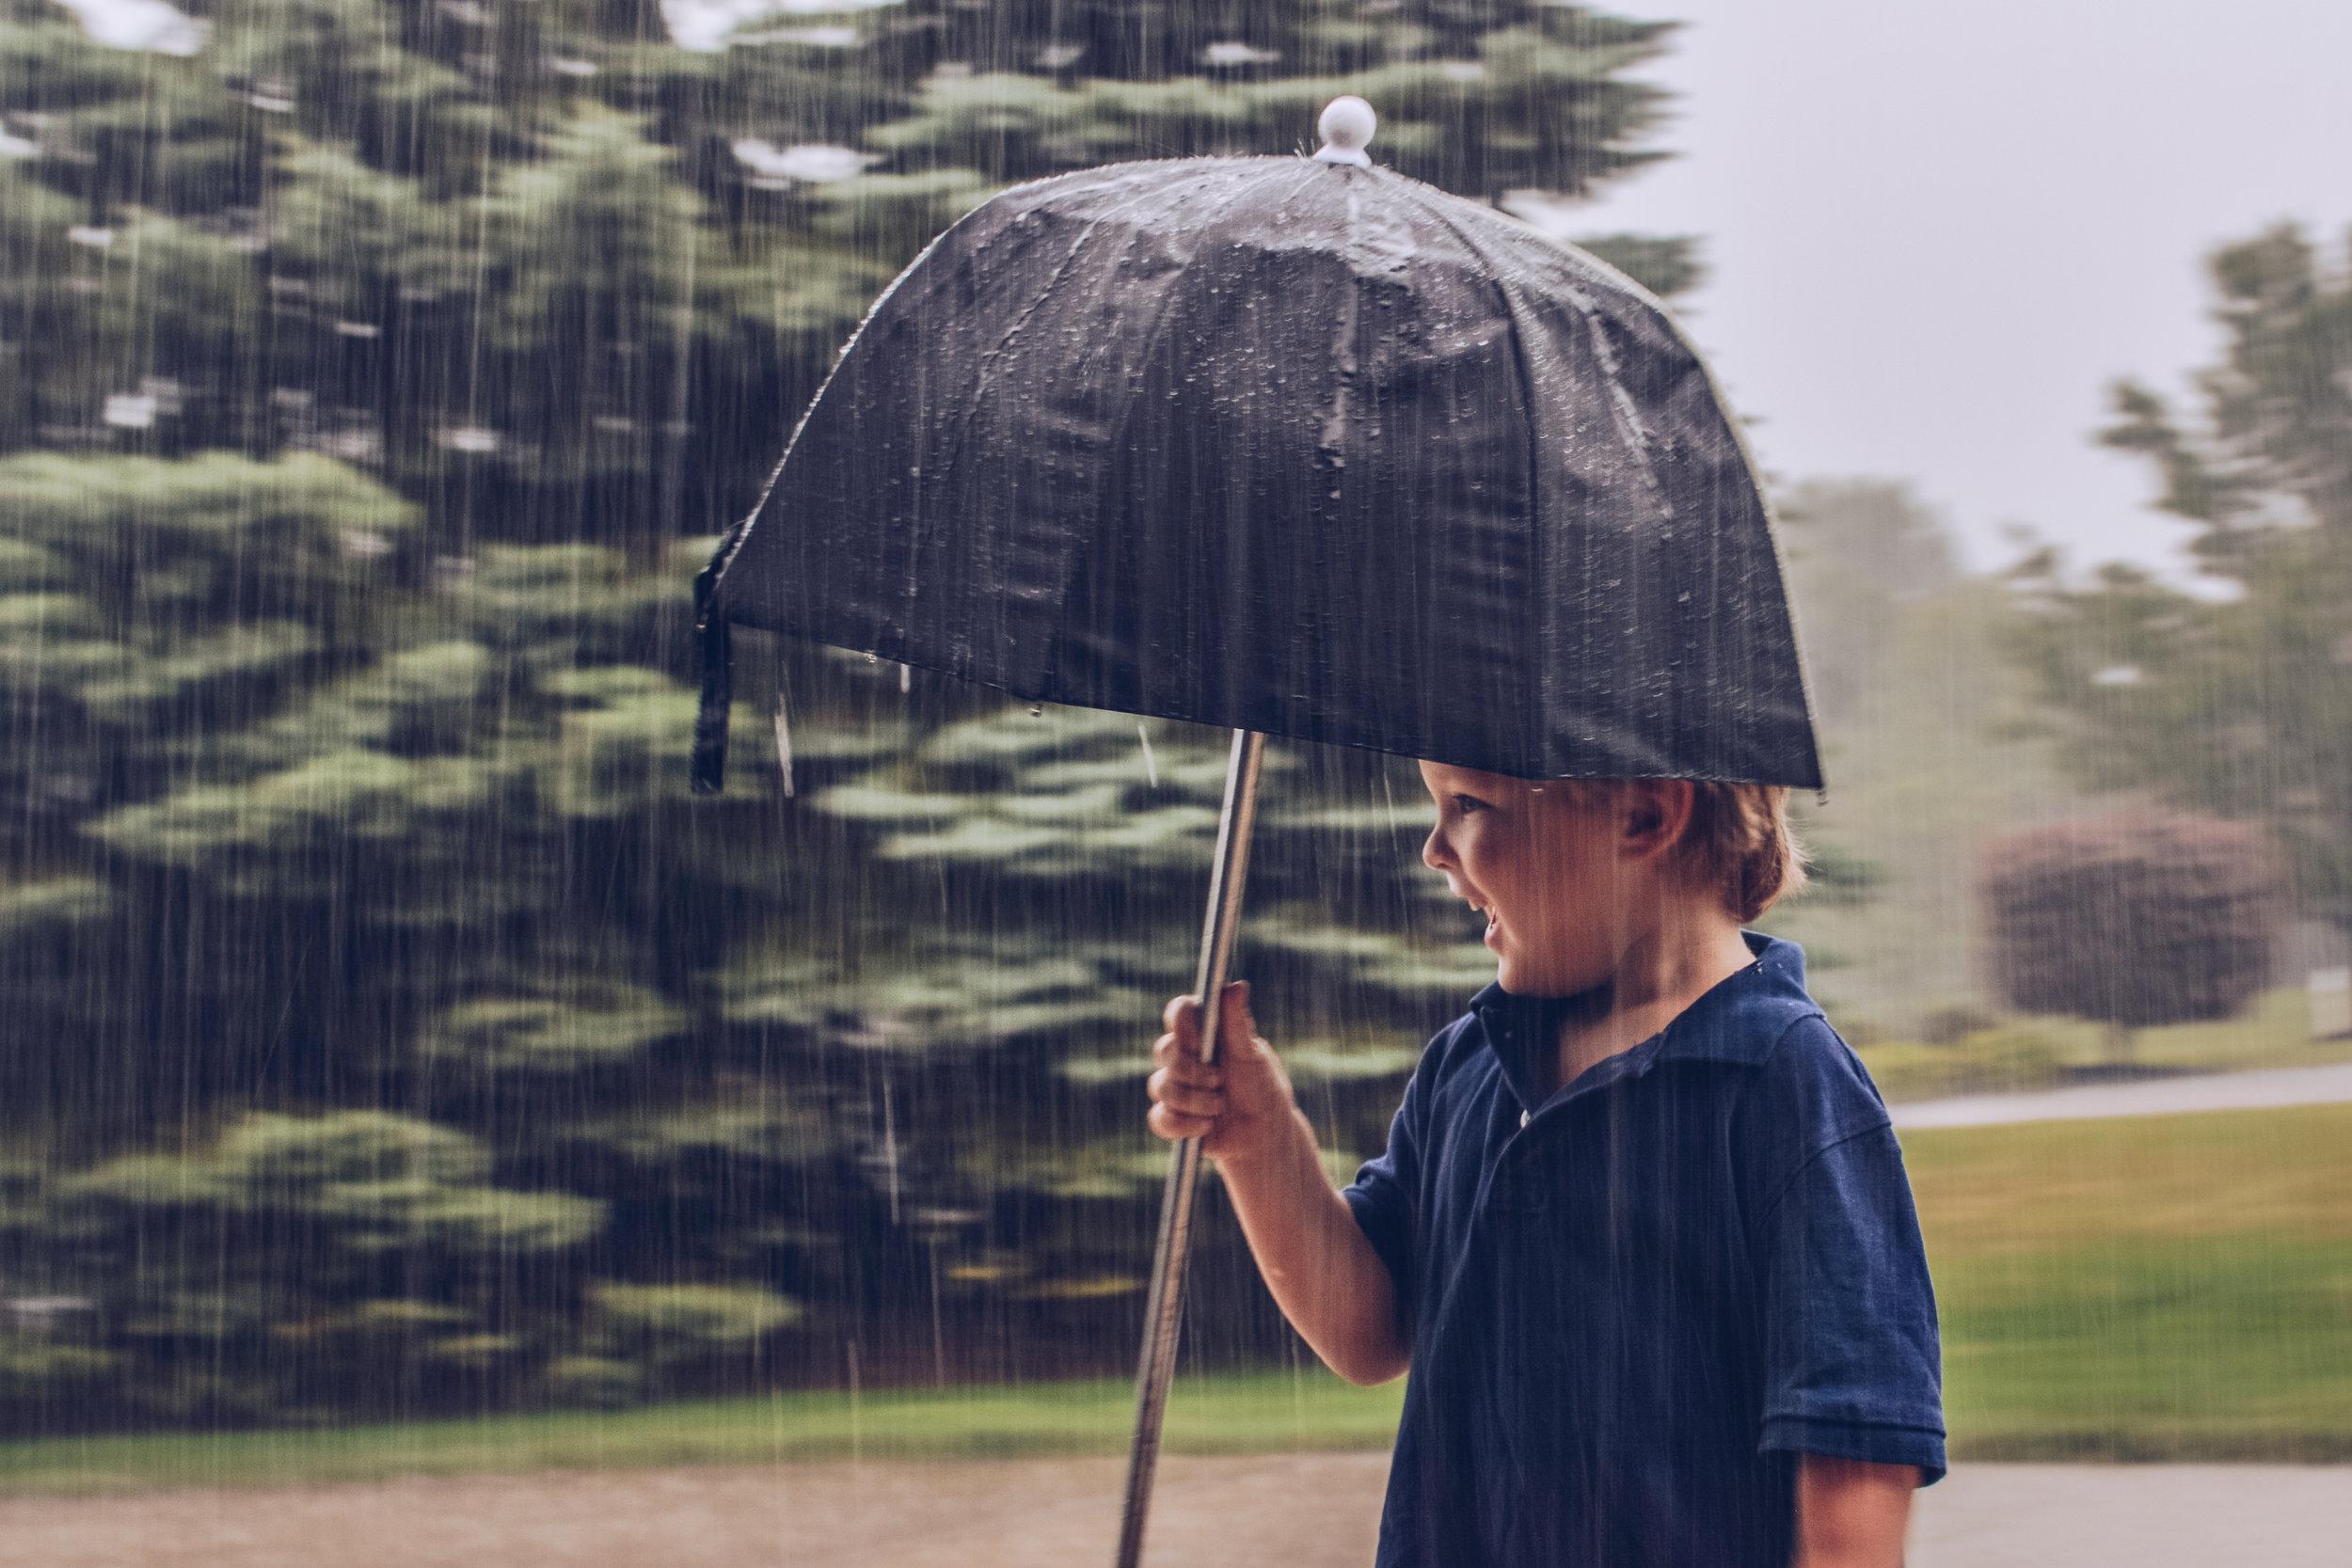 Taters enjoying the rain, too